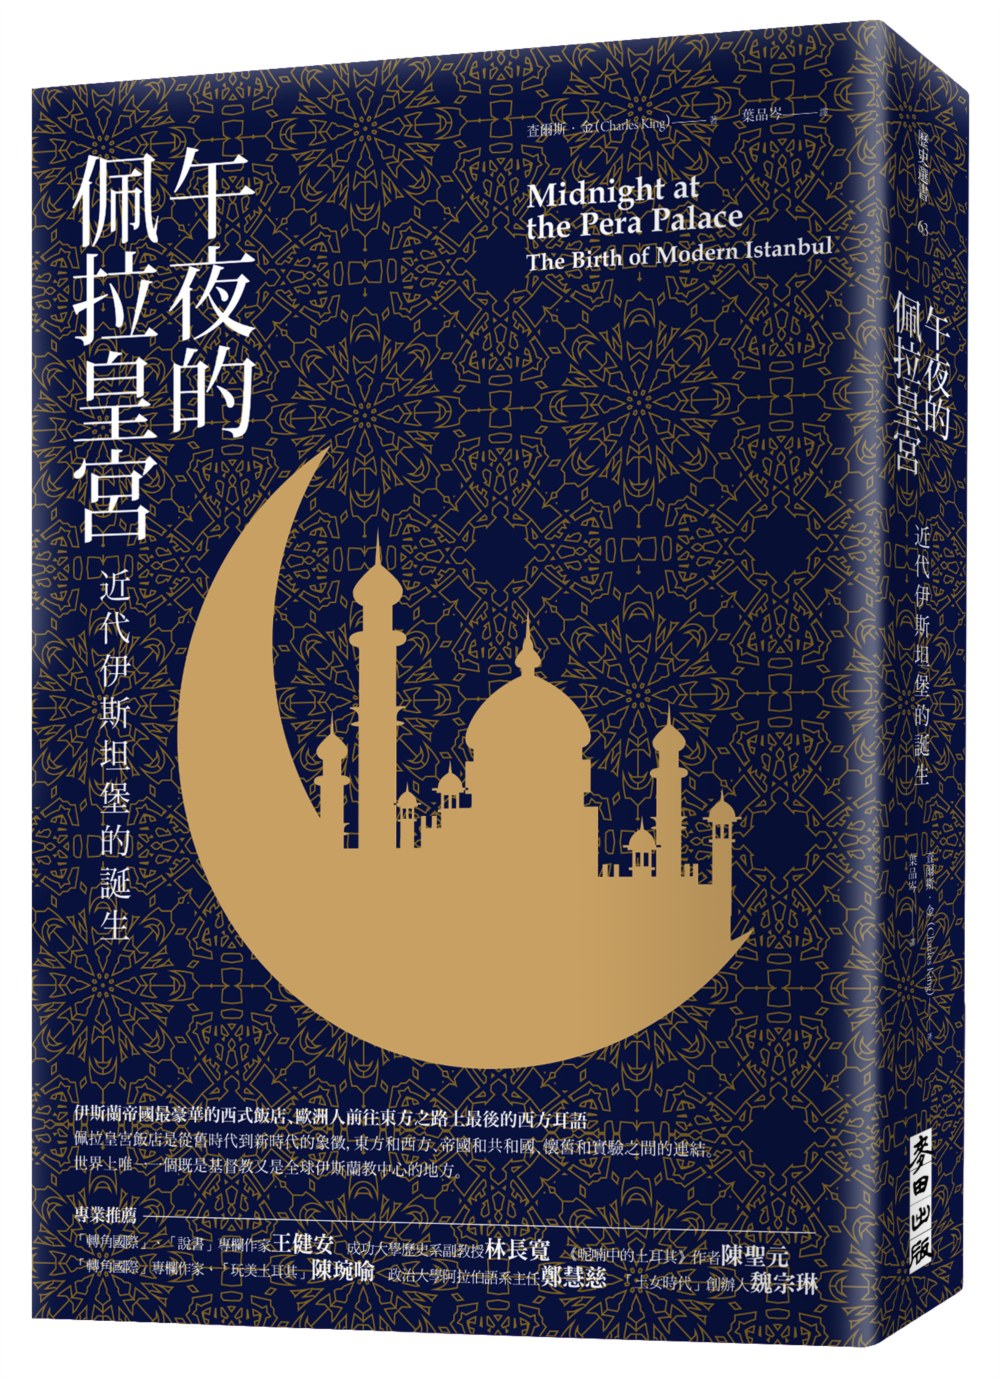 ◤博客來BOOKS◢ 暢銷書榜《推薦》午夜的佩拉皇宮:近代伊斯坦堡的誕生